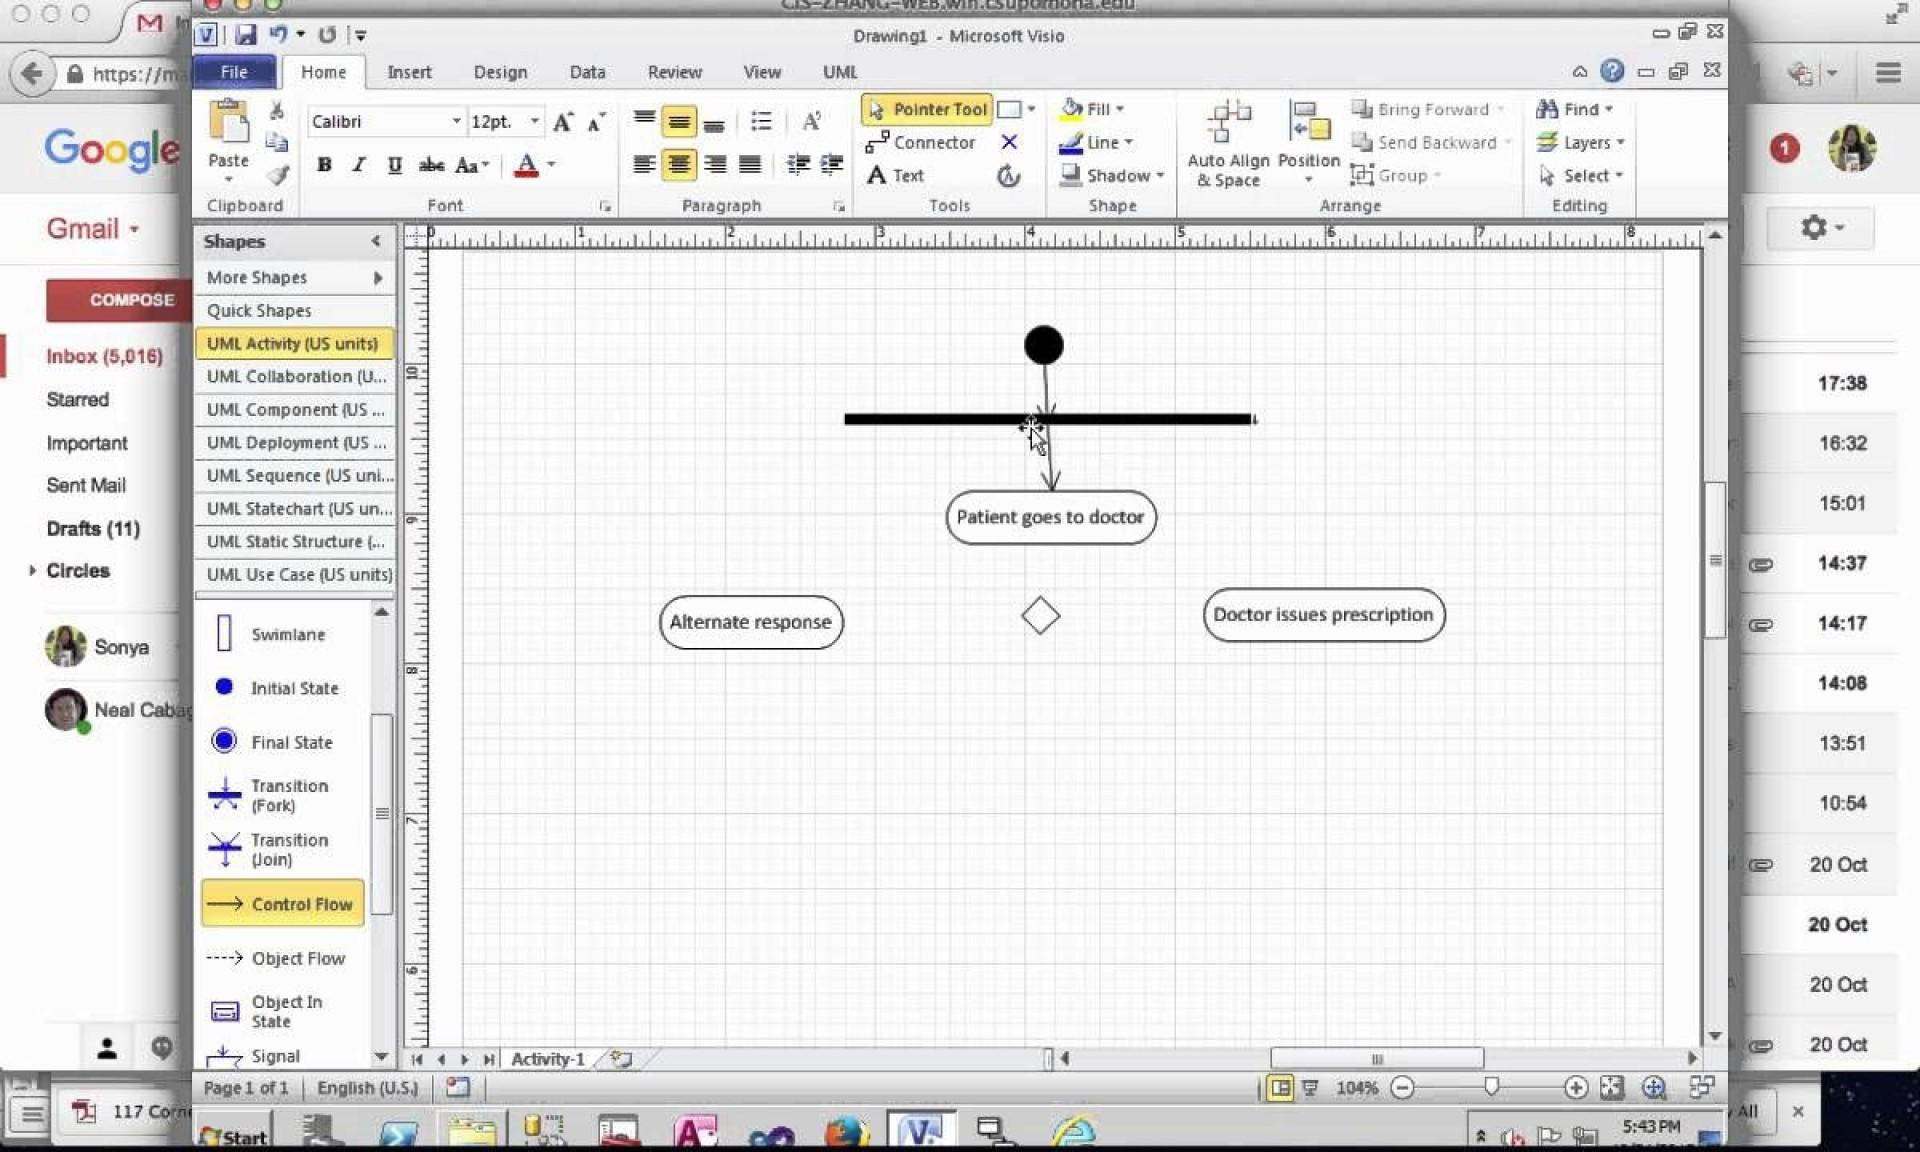 007 Amazing Use Case Diagram Template Visio 2010 Highest Clarity  Uml Model Download Clas1920